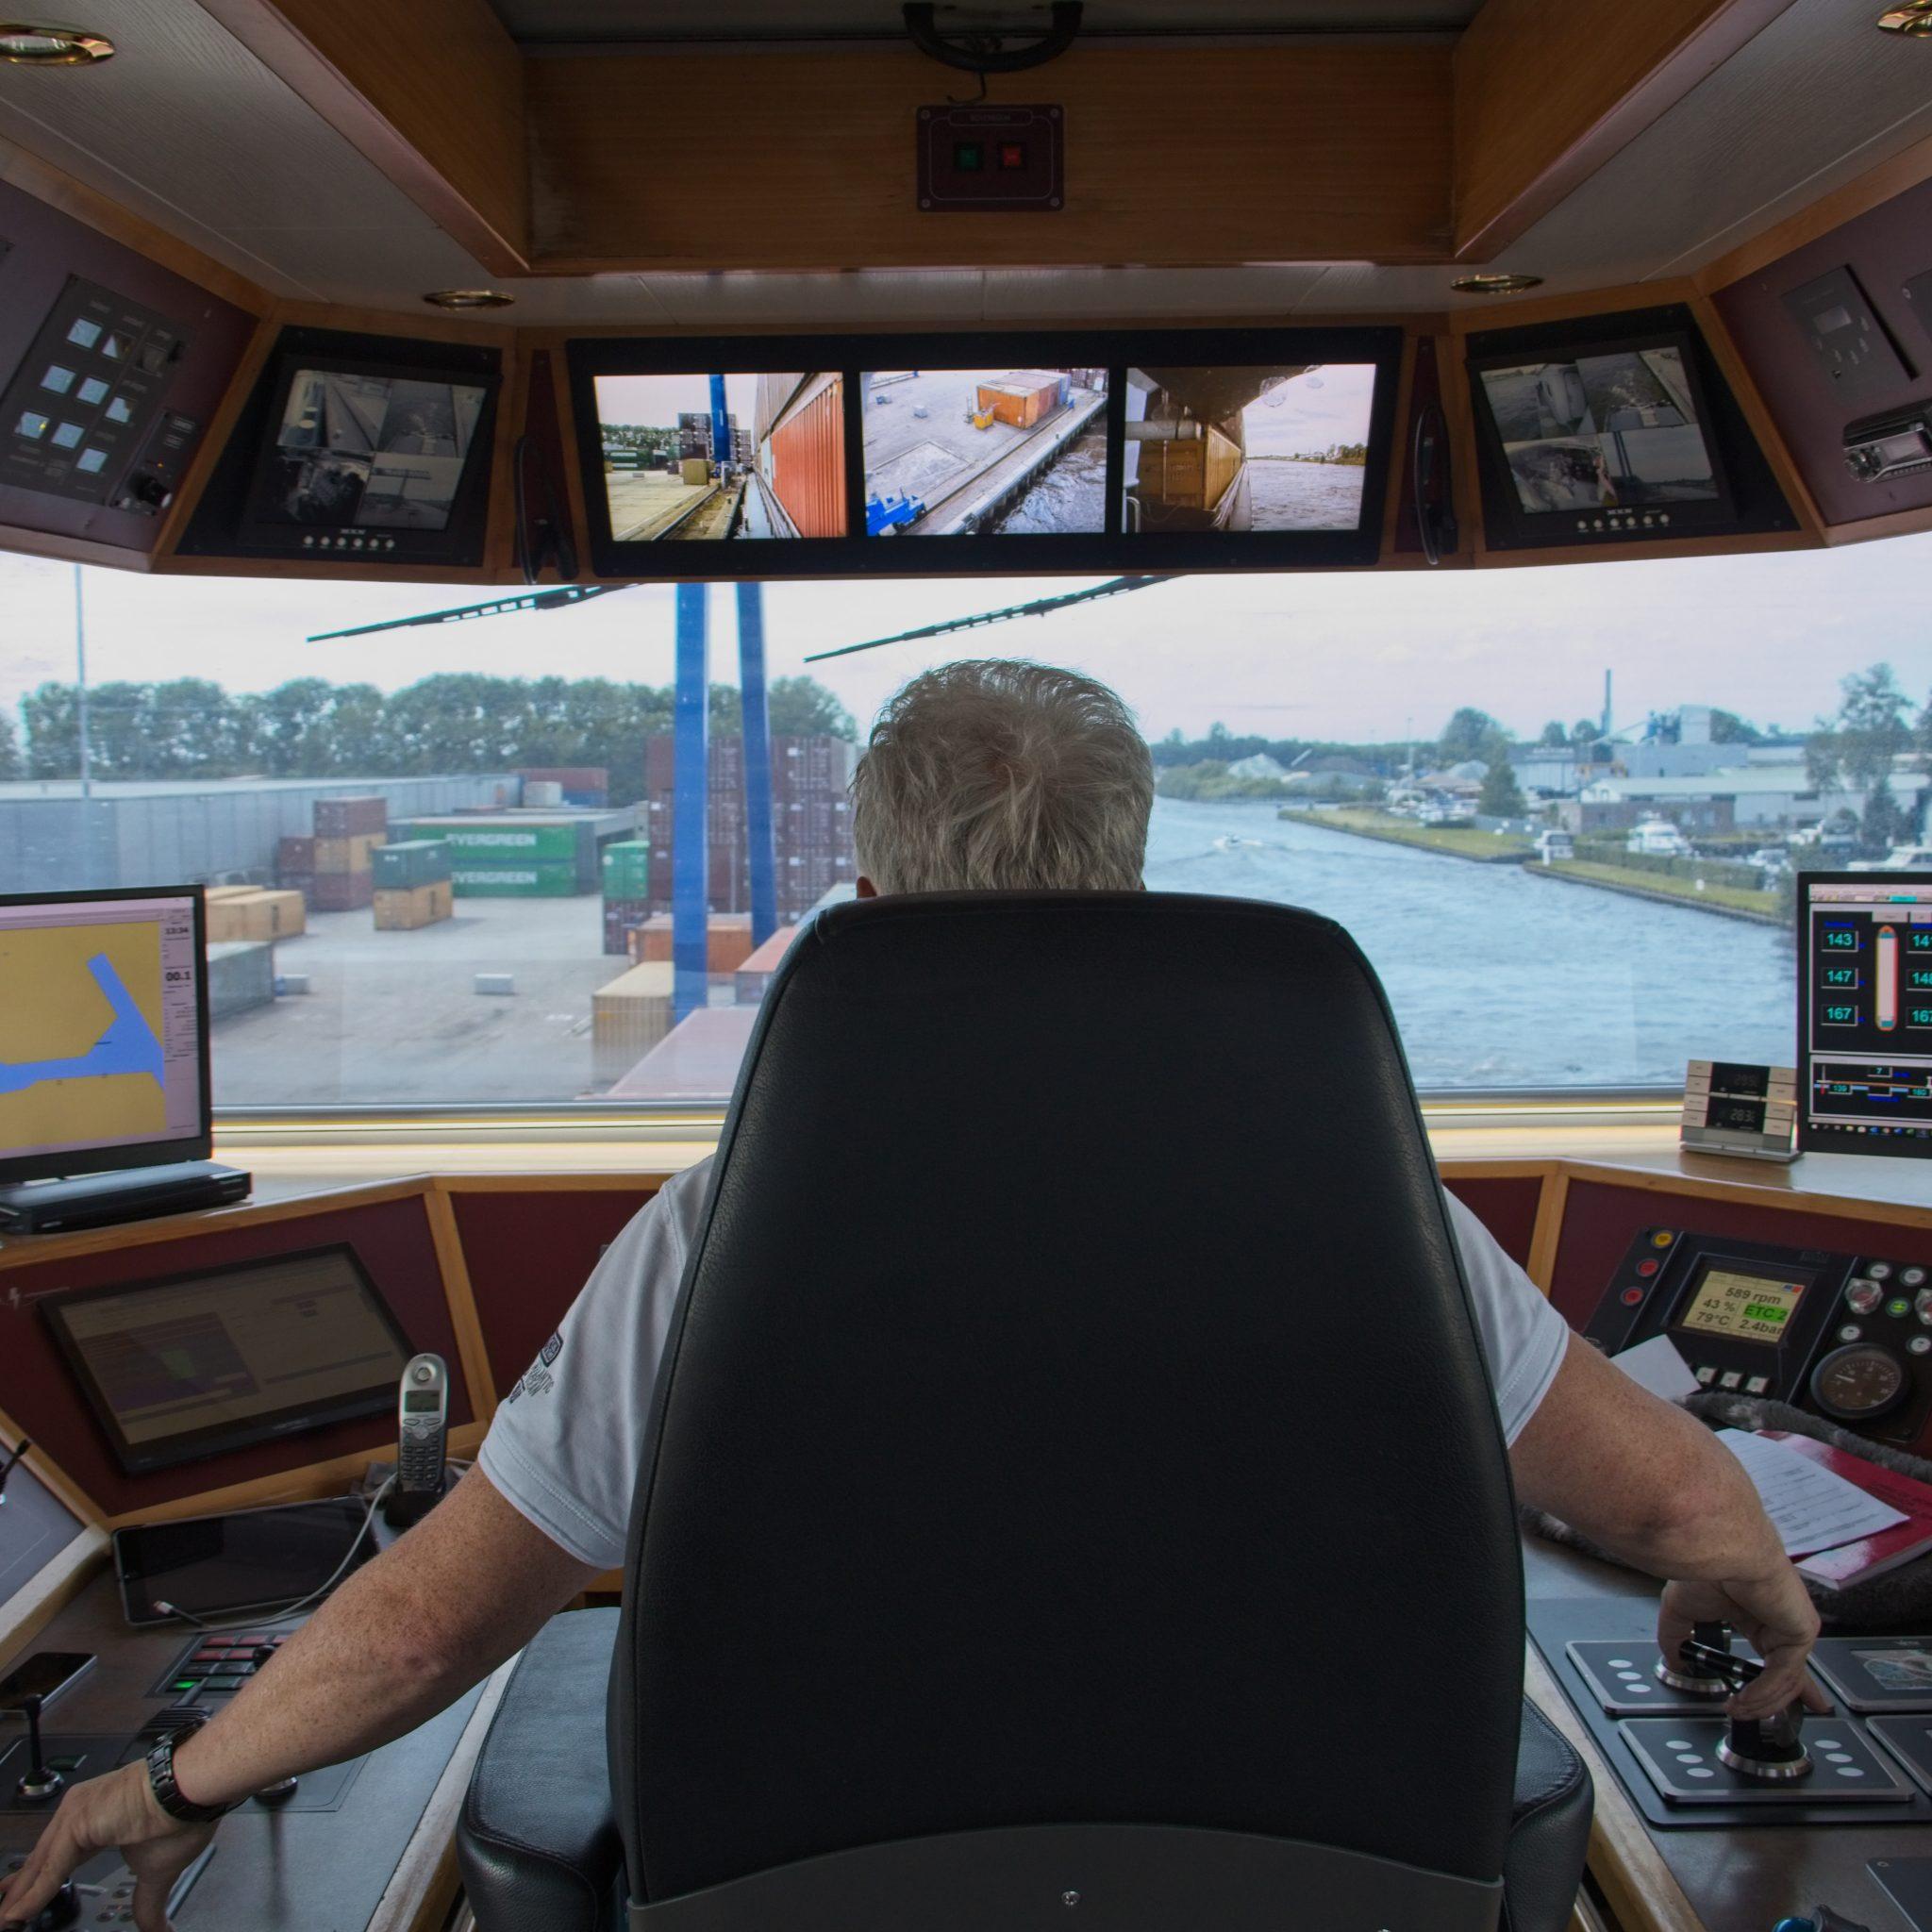 Havengeld betalen kan in Zwolle, Kampen en Meppel vanaf 1 september met een smartphone-app vanuit de stuurstoel. (Foto Port of Zwolle)